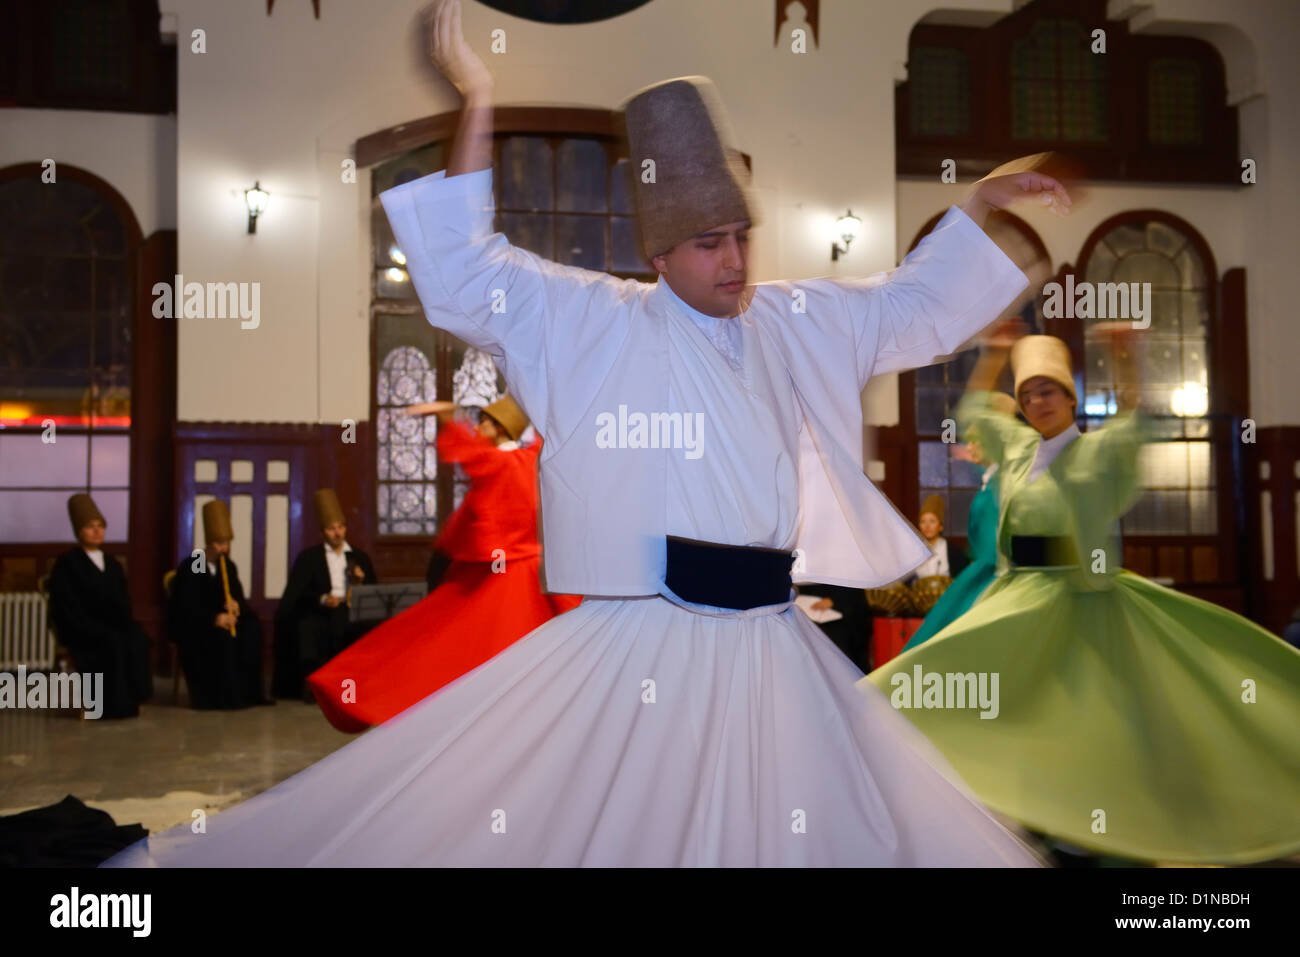 Des Derviches tourneurs soufis mâle dans une cérémonie Sema avec les musiciens et les femmes à la gare d'Istanbul Turquie Banque D'Images